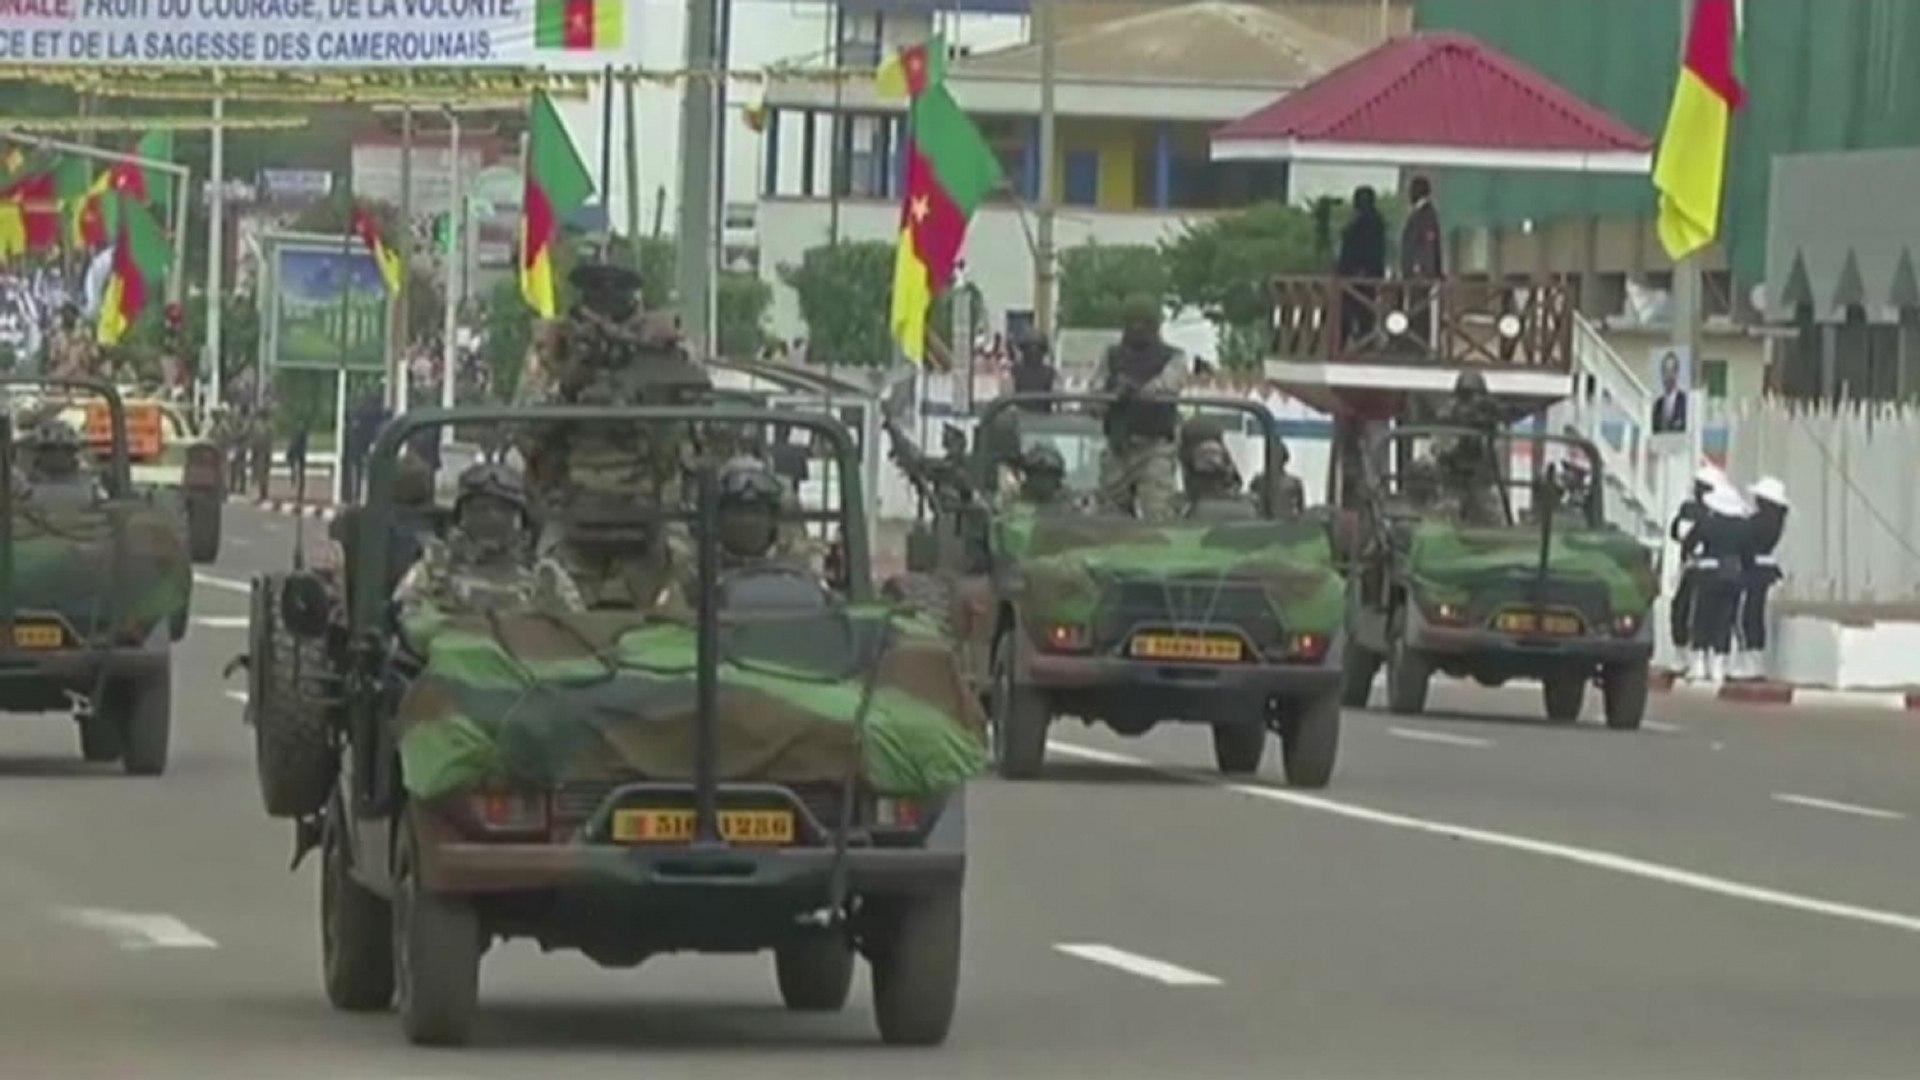 Cameroun, Le gouvernement rejette les accusations d'Amnesty International